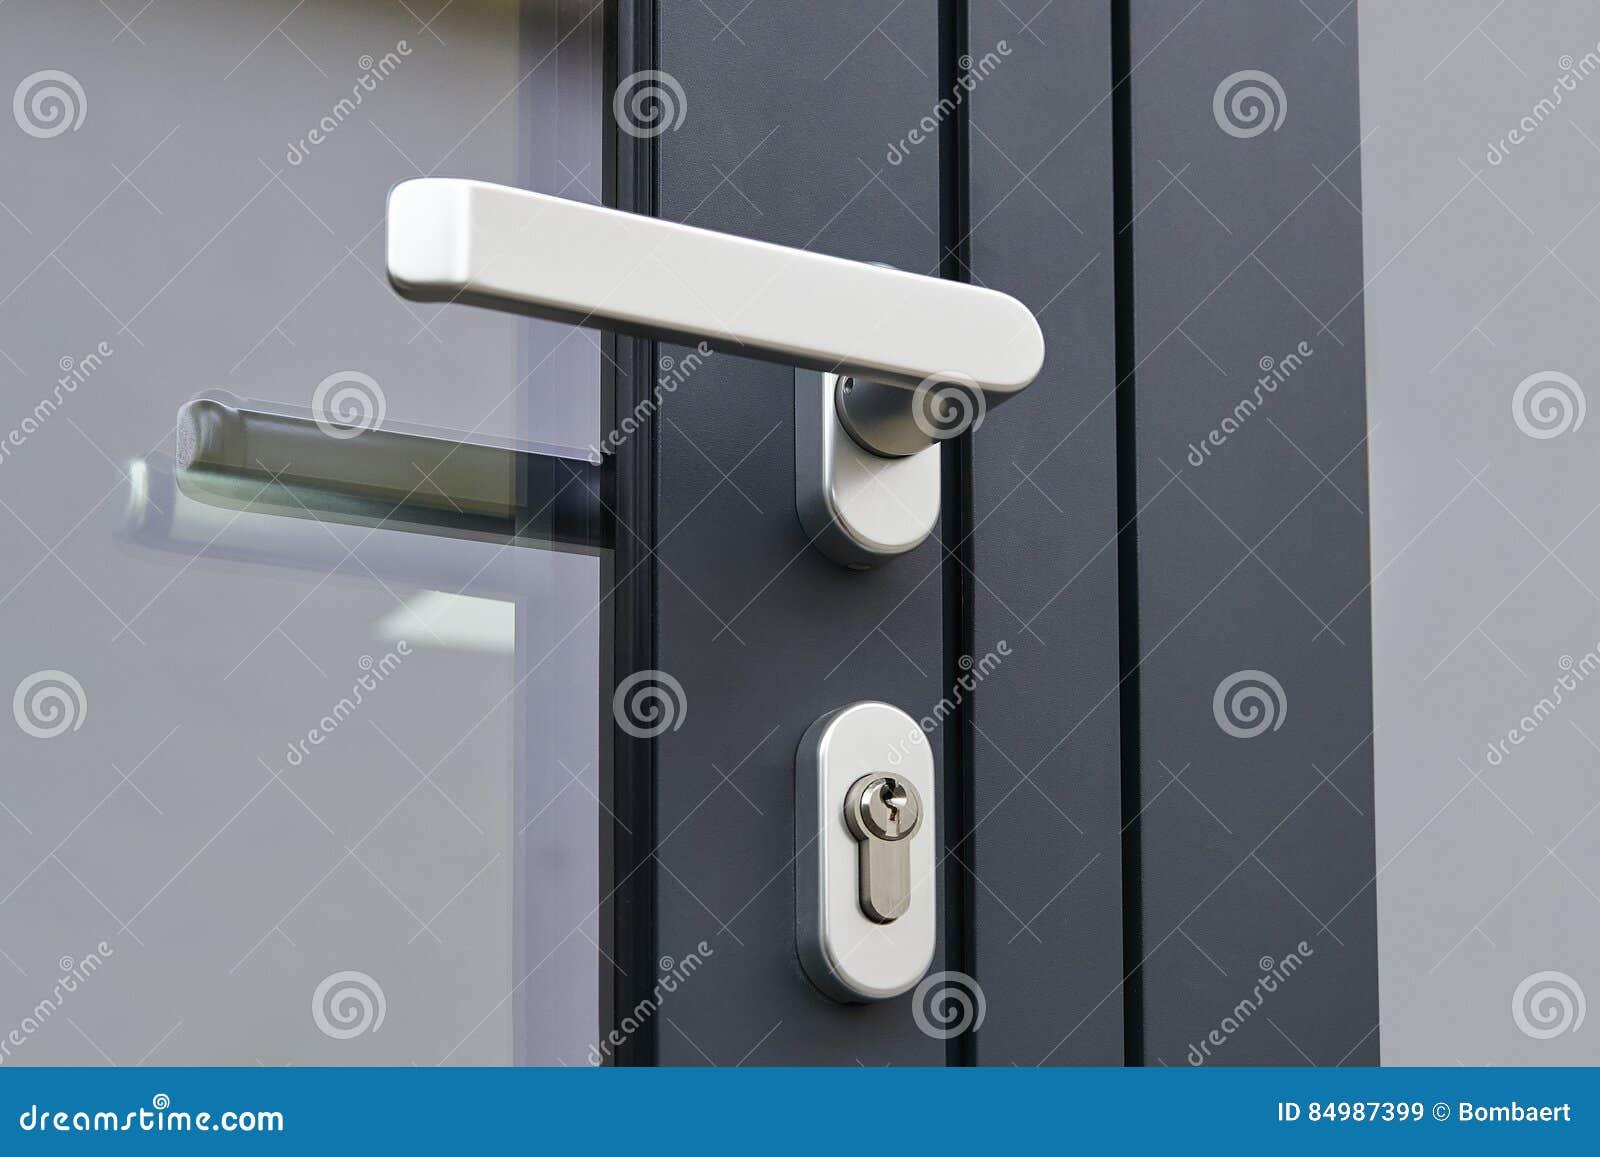 Handtag för yttre dörr och säkerhetslås